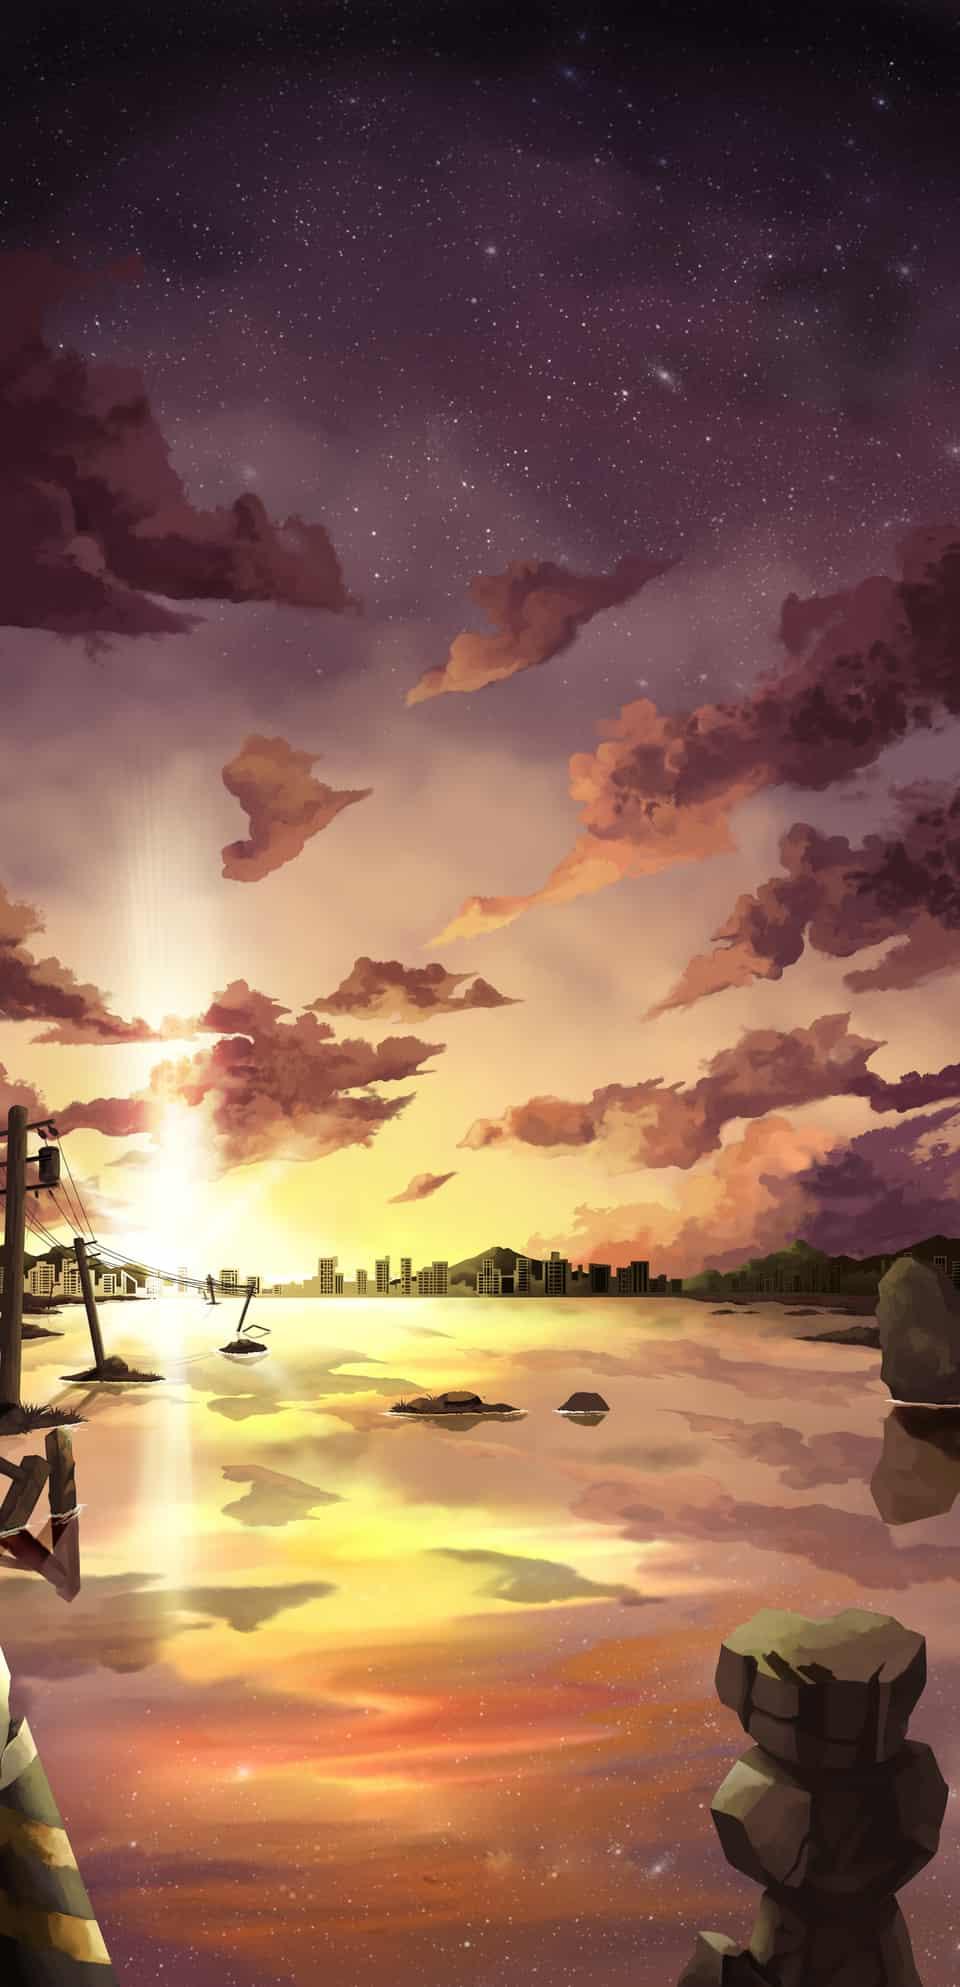 夕陽 Illust of 一撇 夕陽 風景圖